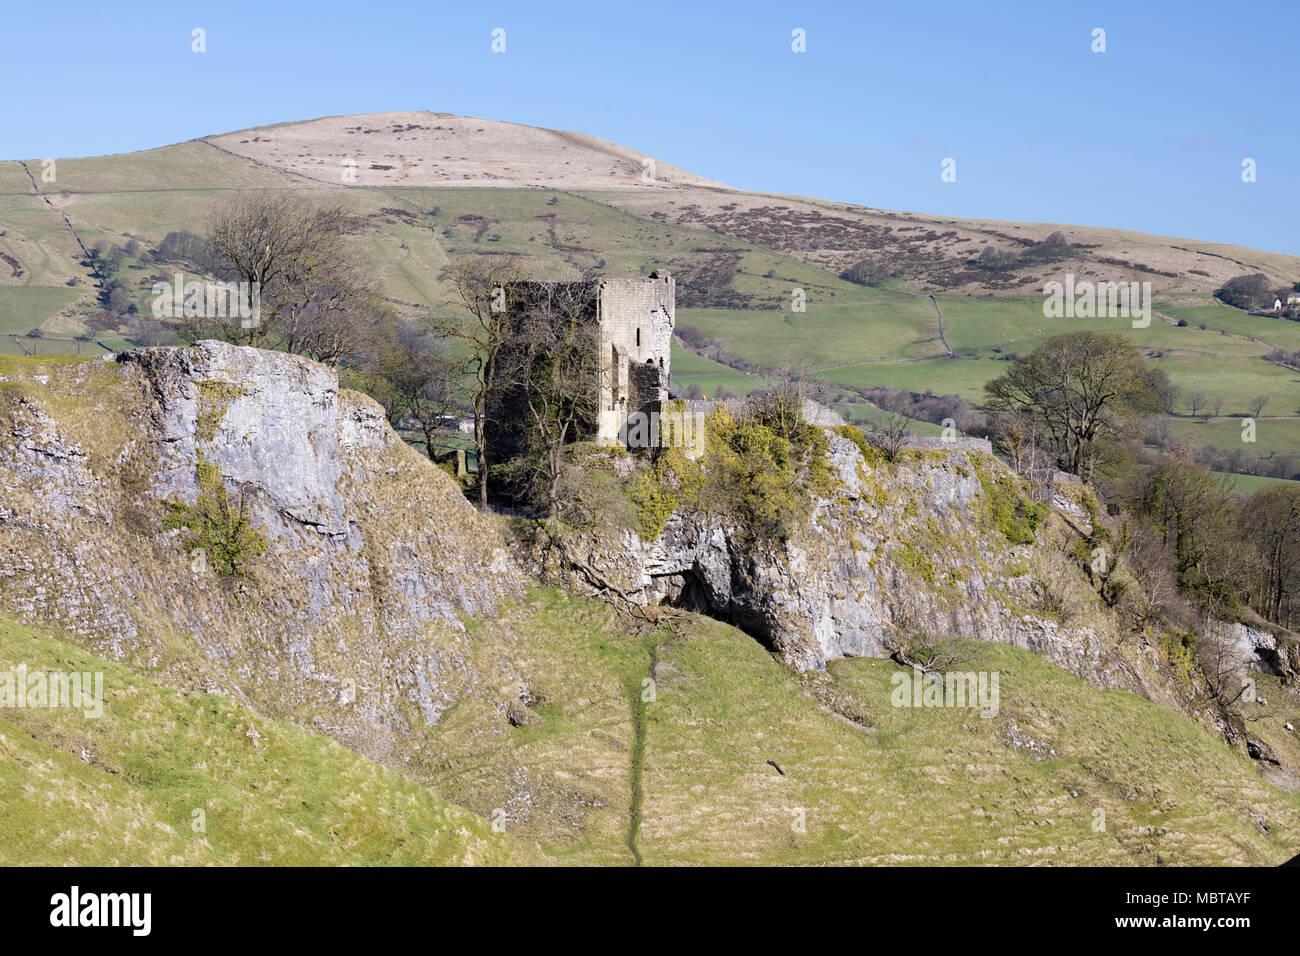 Ruins of Peveril Castle, Castleton, Peak District National Park, Derbyshire, England, United Kingdom, Europe - Stock Image